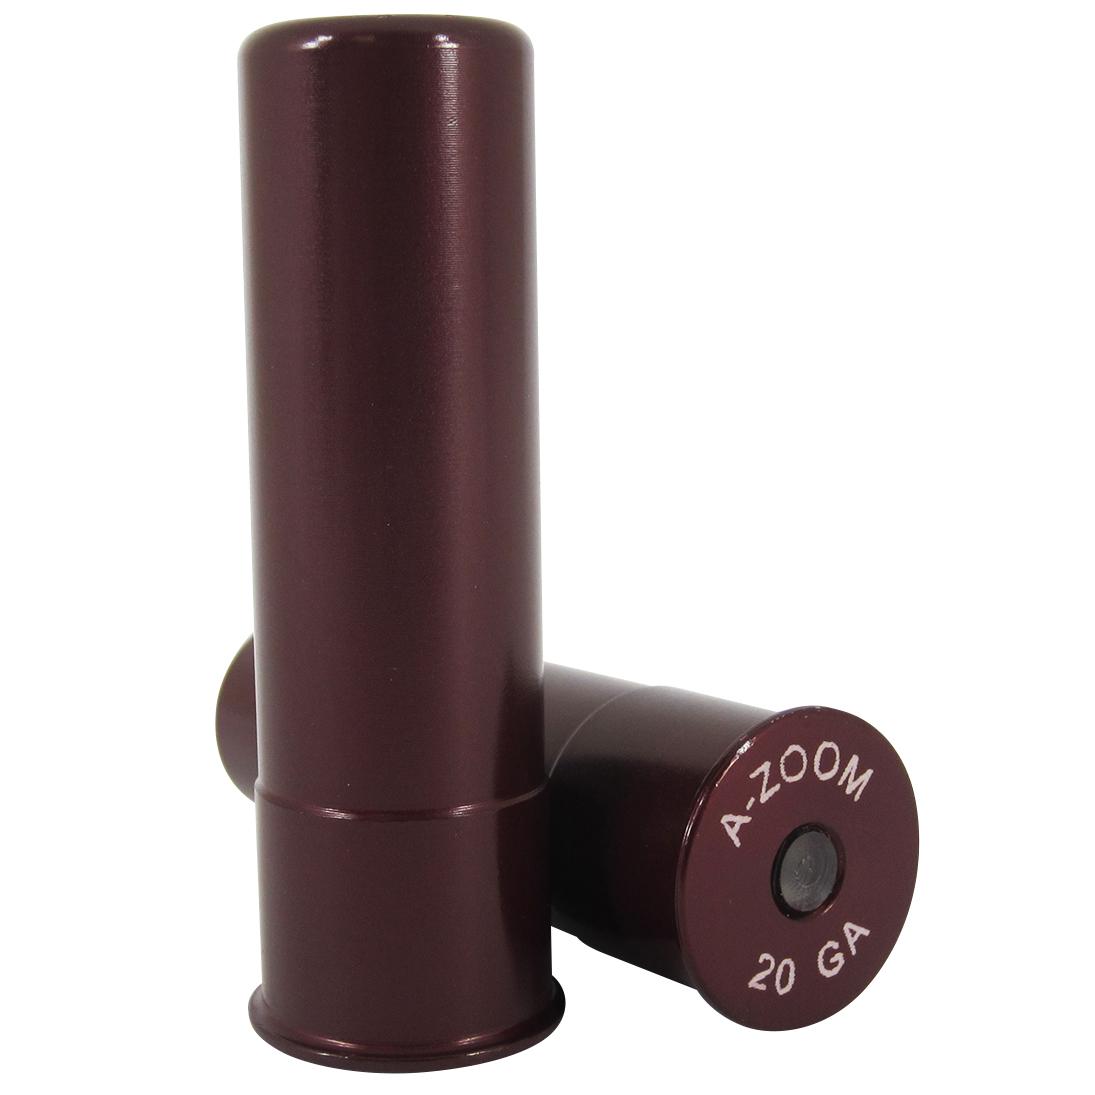 Lyman A-Zoom Shotgun Snap Caps, 20-ga.